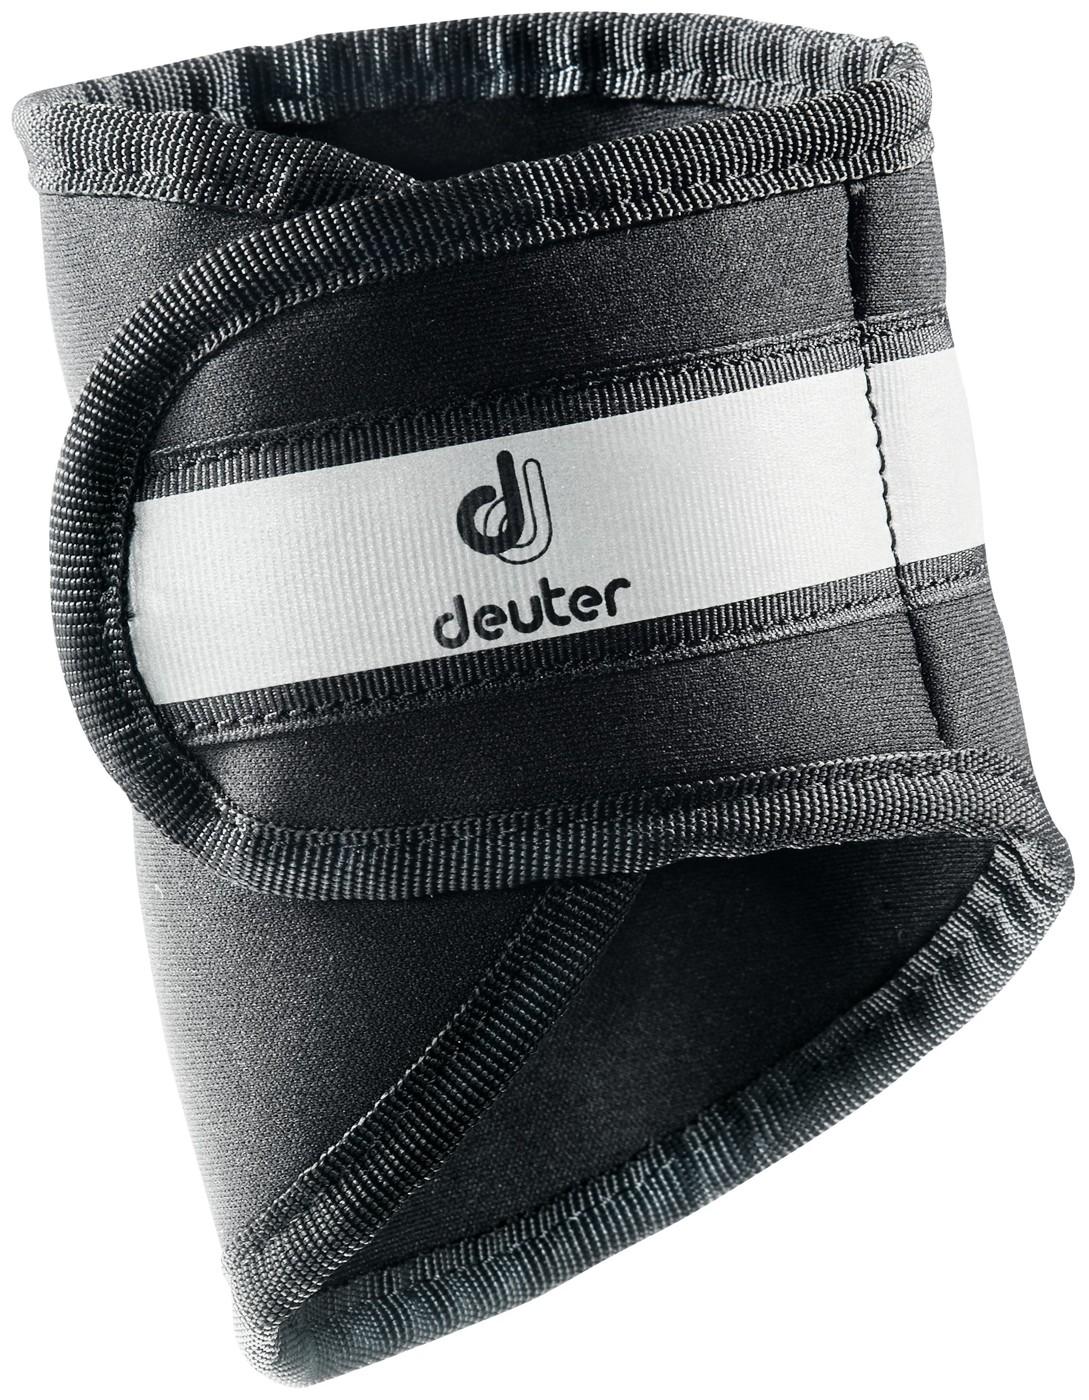 DEUTER Pants Protector Neoprene